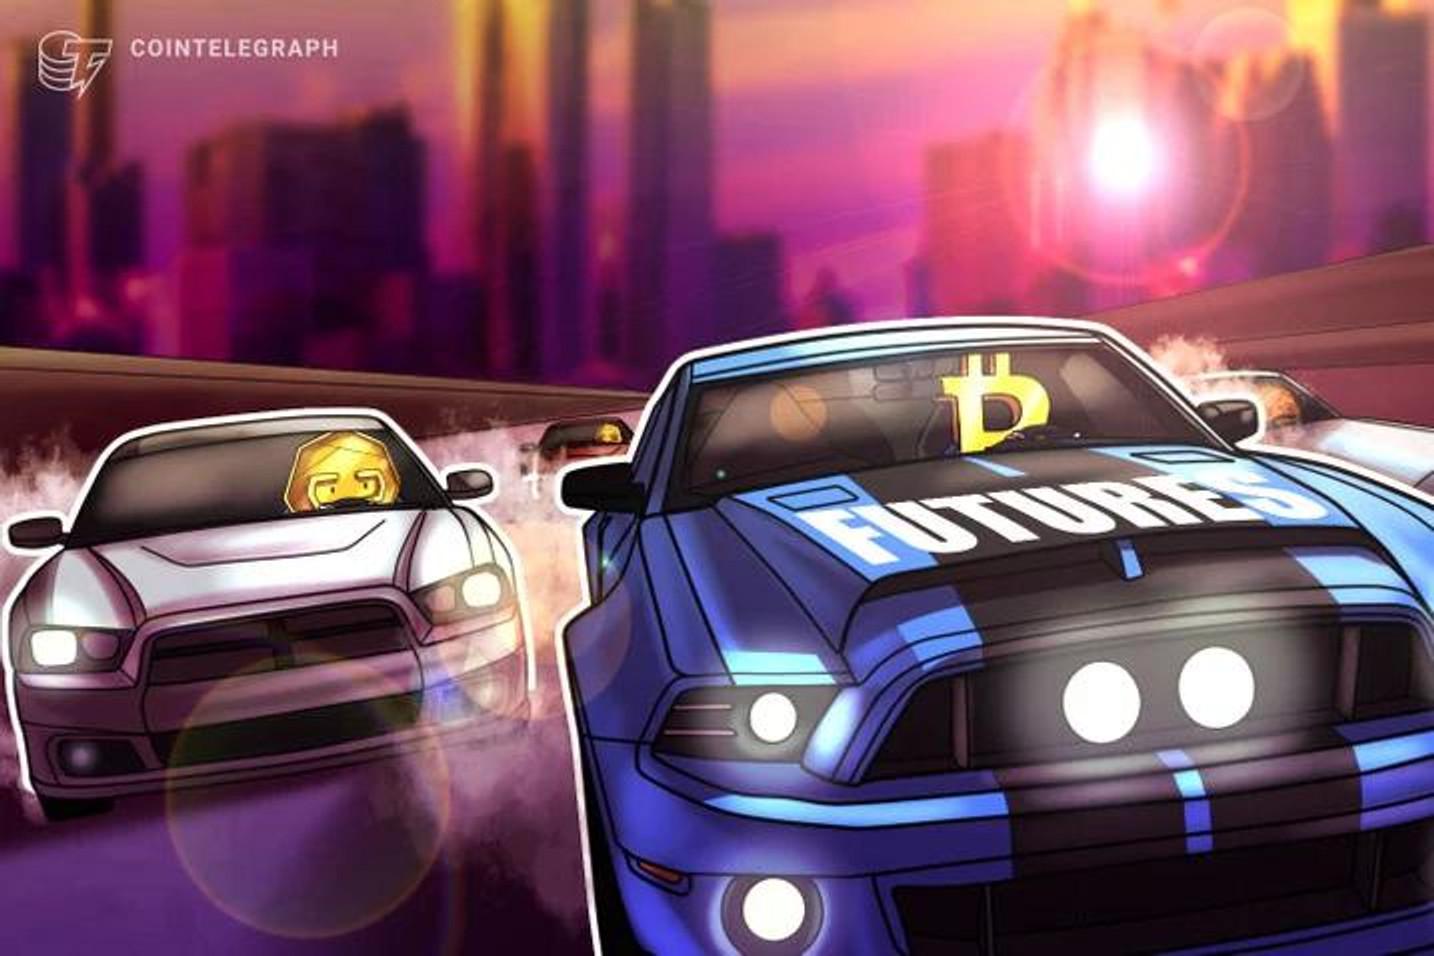 Los contratos de futuros de Bitcoin y Ethereum alcanzan nuevos récords y la mayoría de los inversores van en 'Longs' en ETH